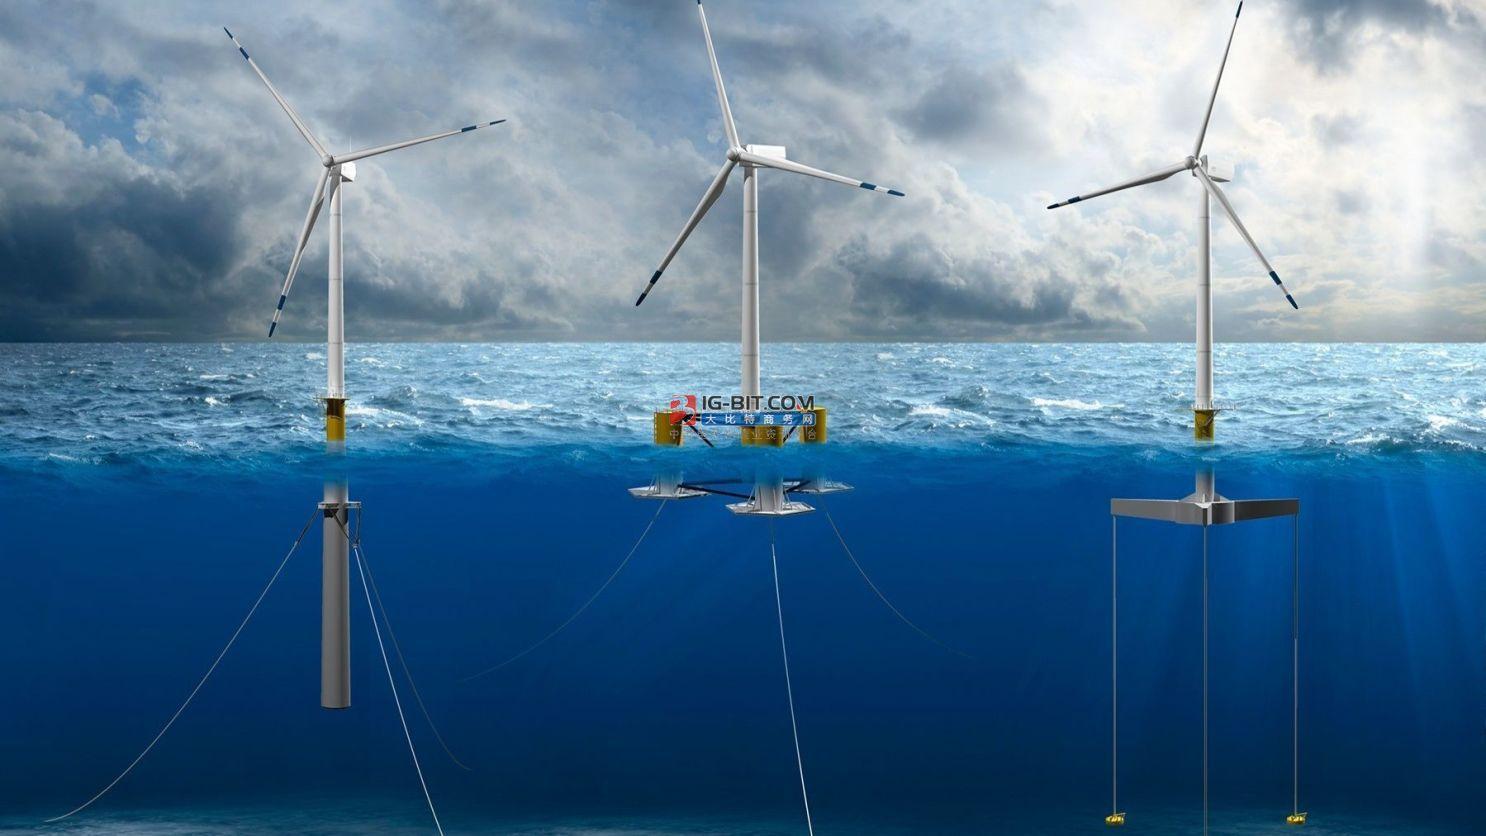 日本电信巨头计划扩张可再生能源业务